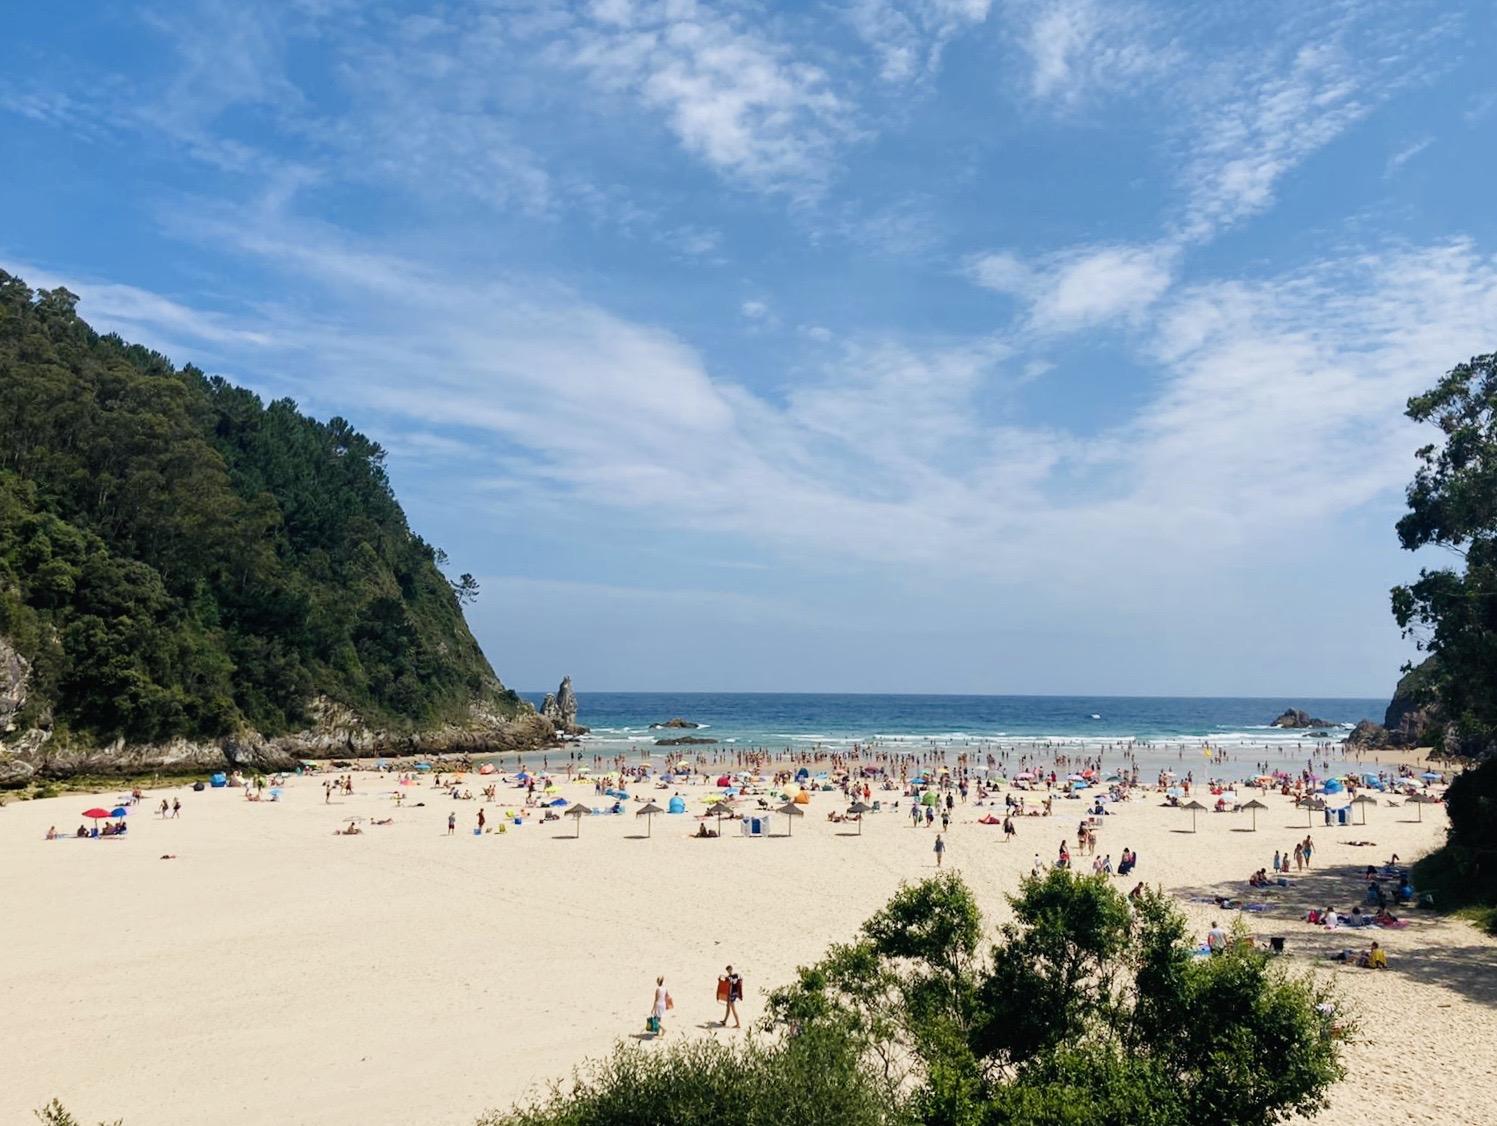 lolanoviajasola asturias playa españa